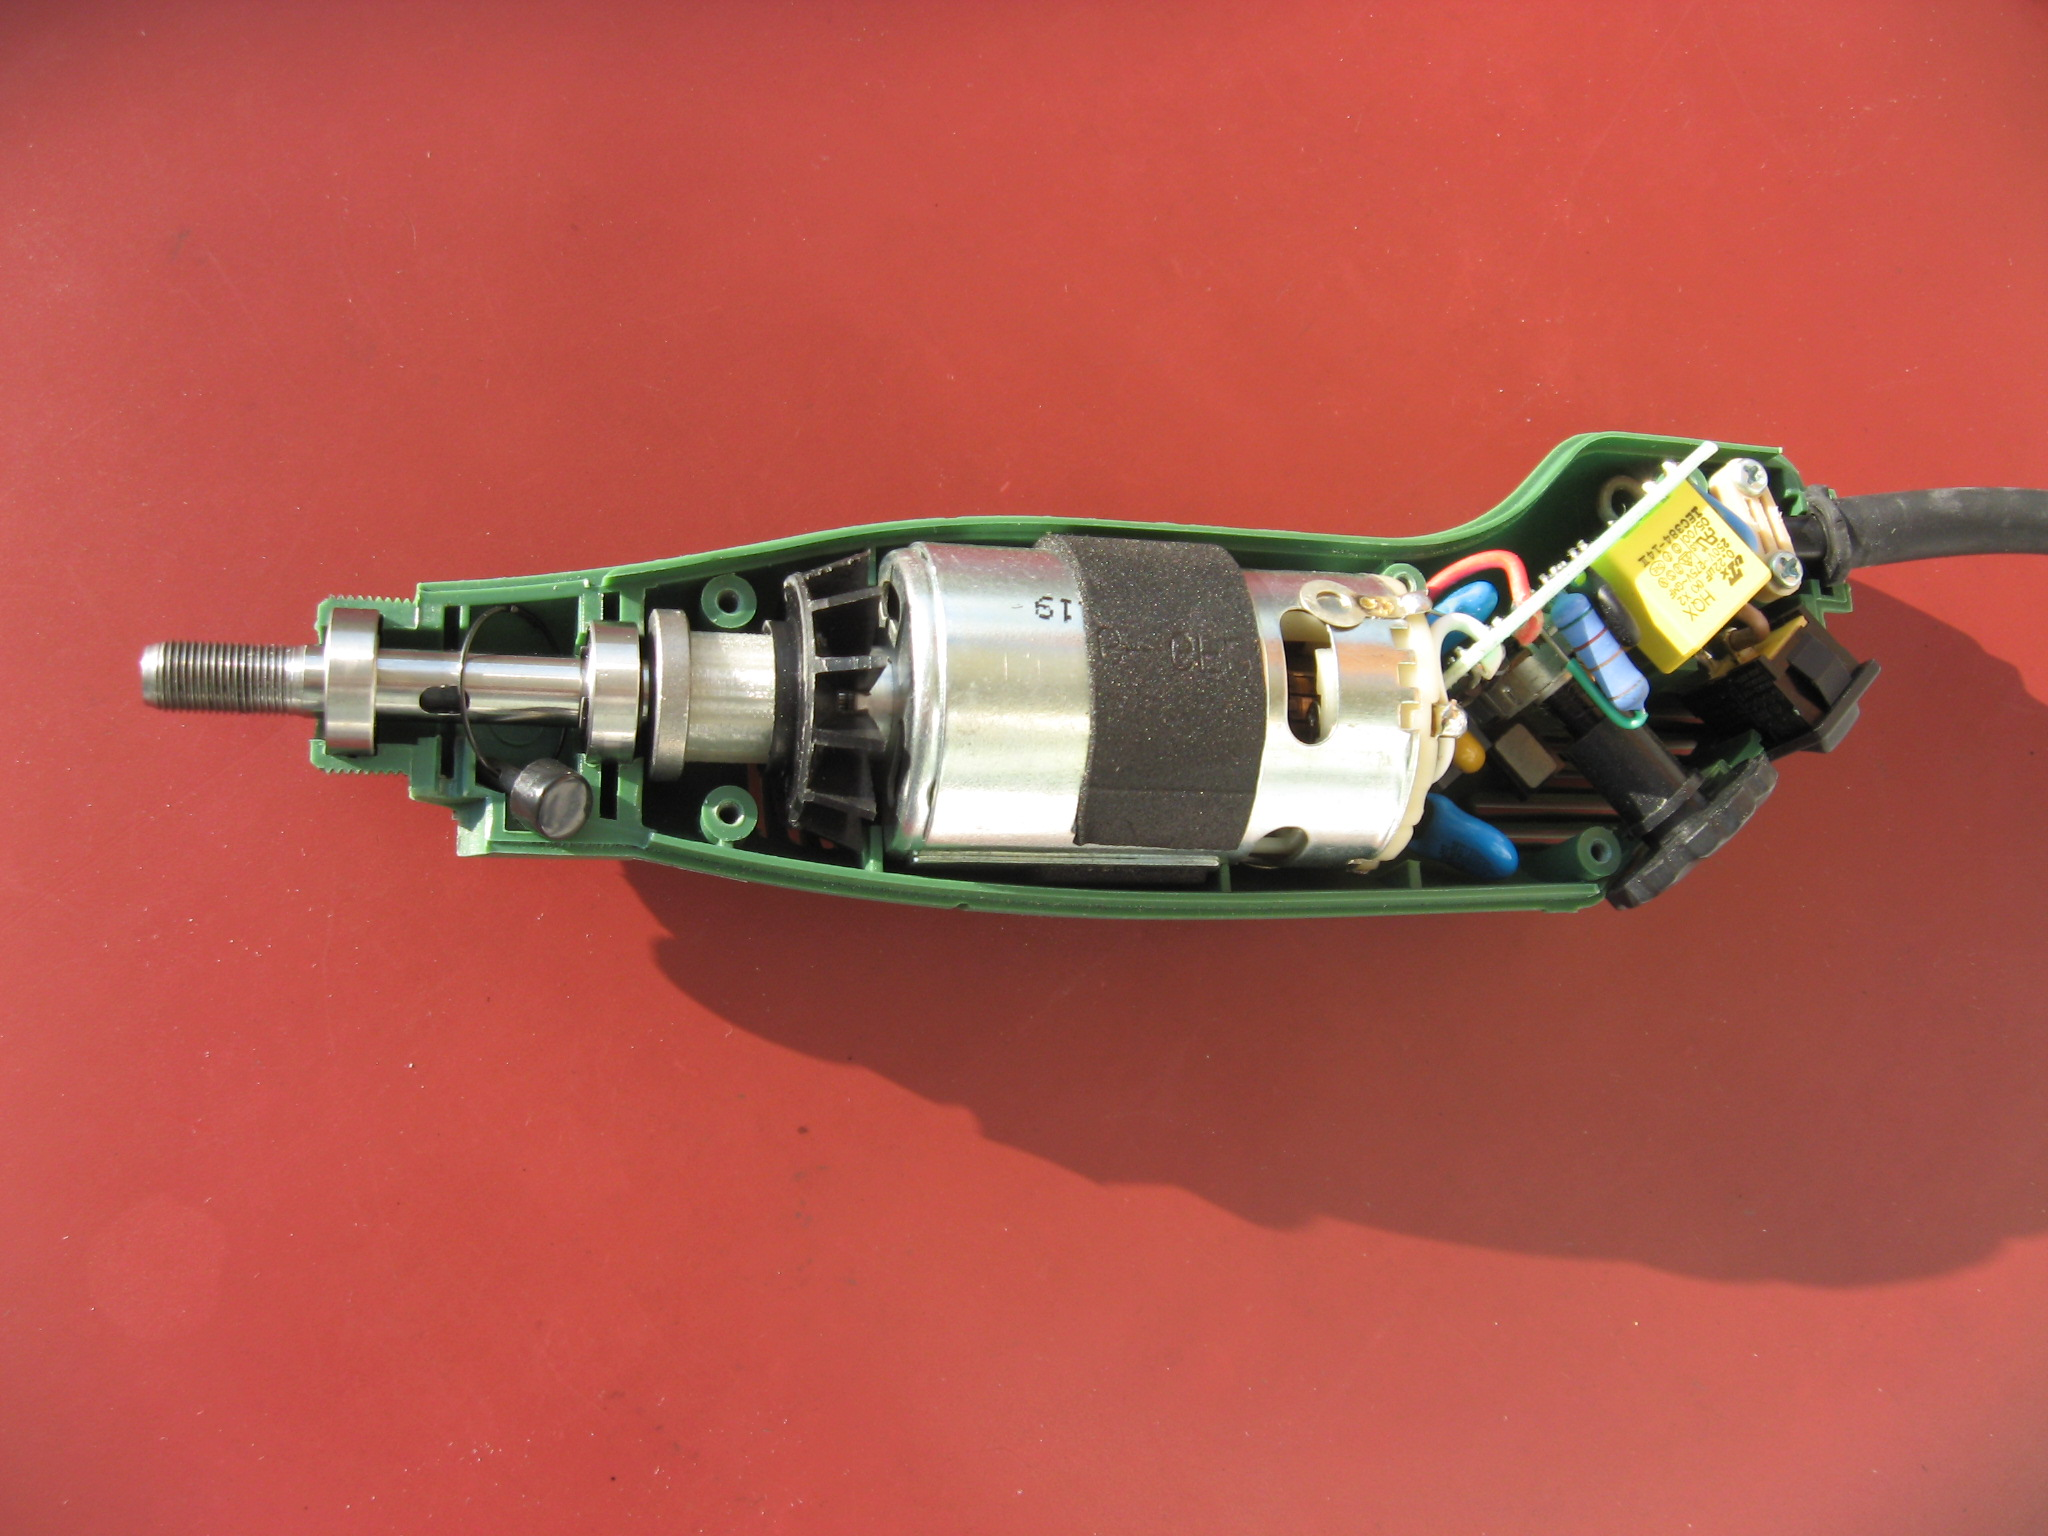 Bohrmaschine-repair02